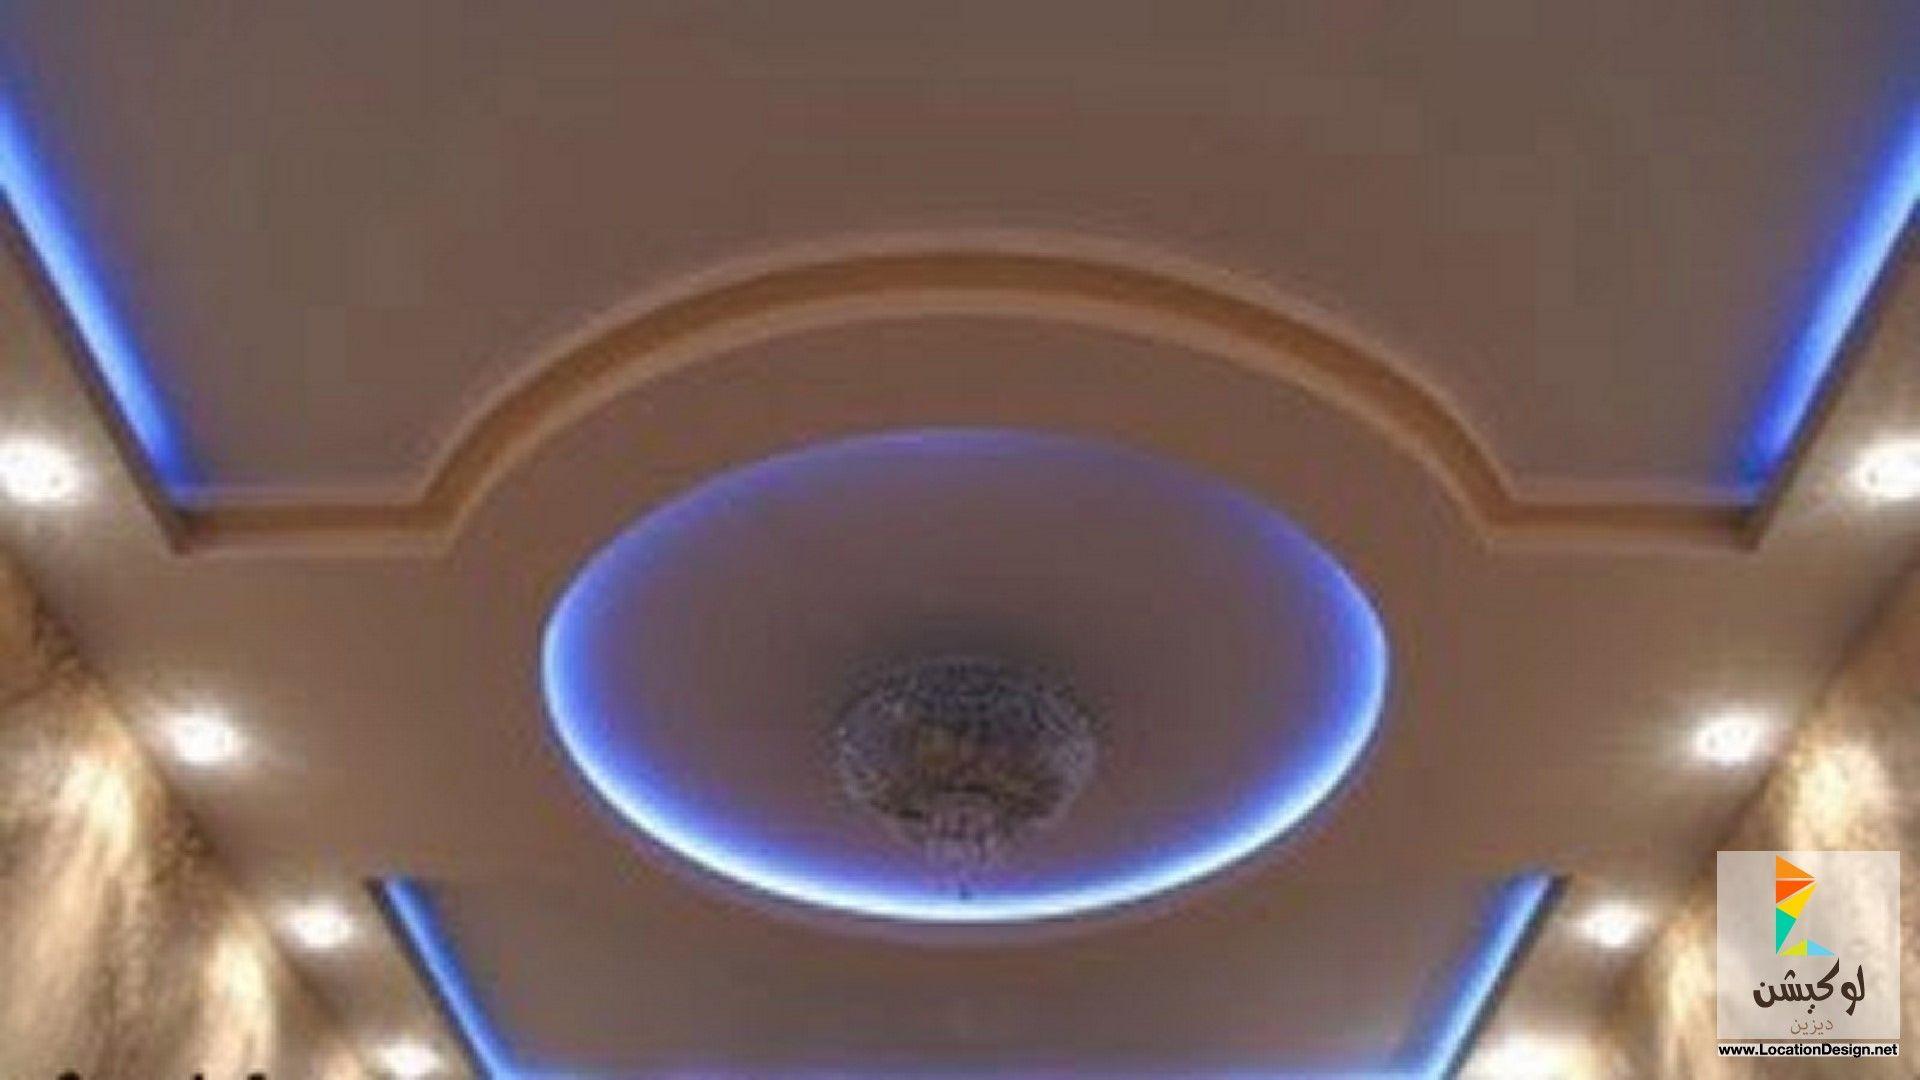 انارة اسقف جبس 2015 Ceiling Lights False Ceiling Ceiling Design